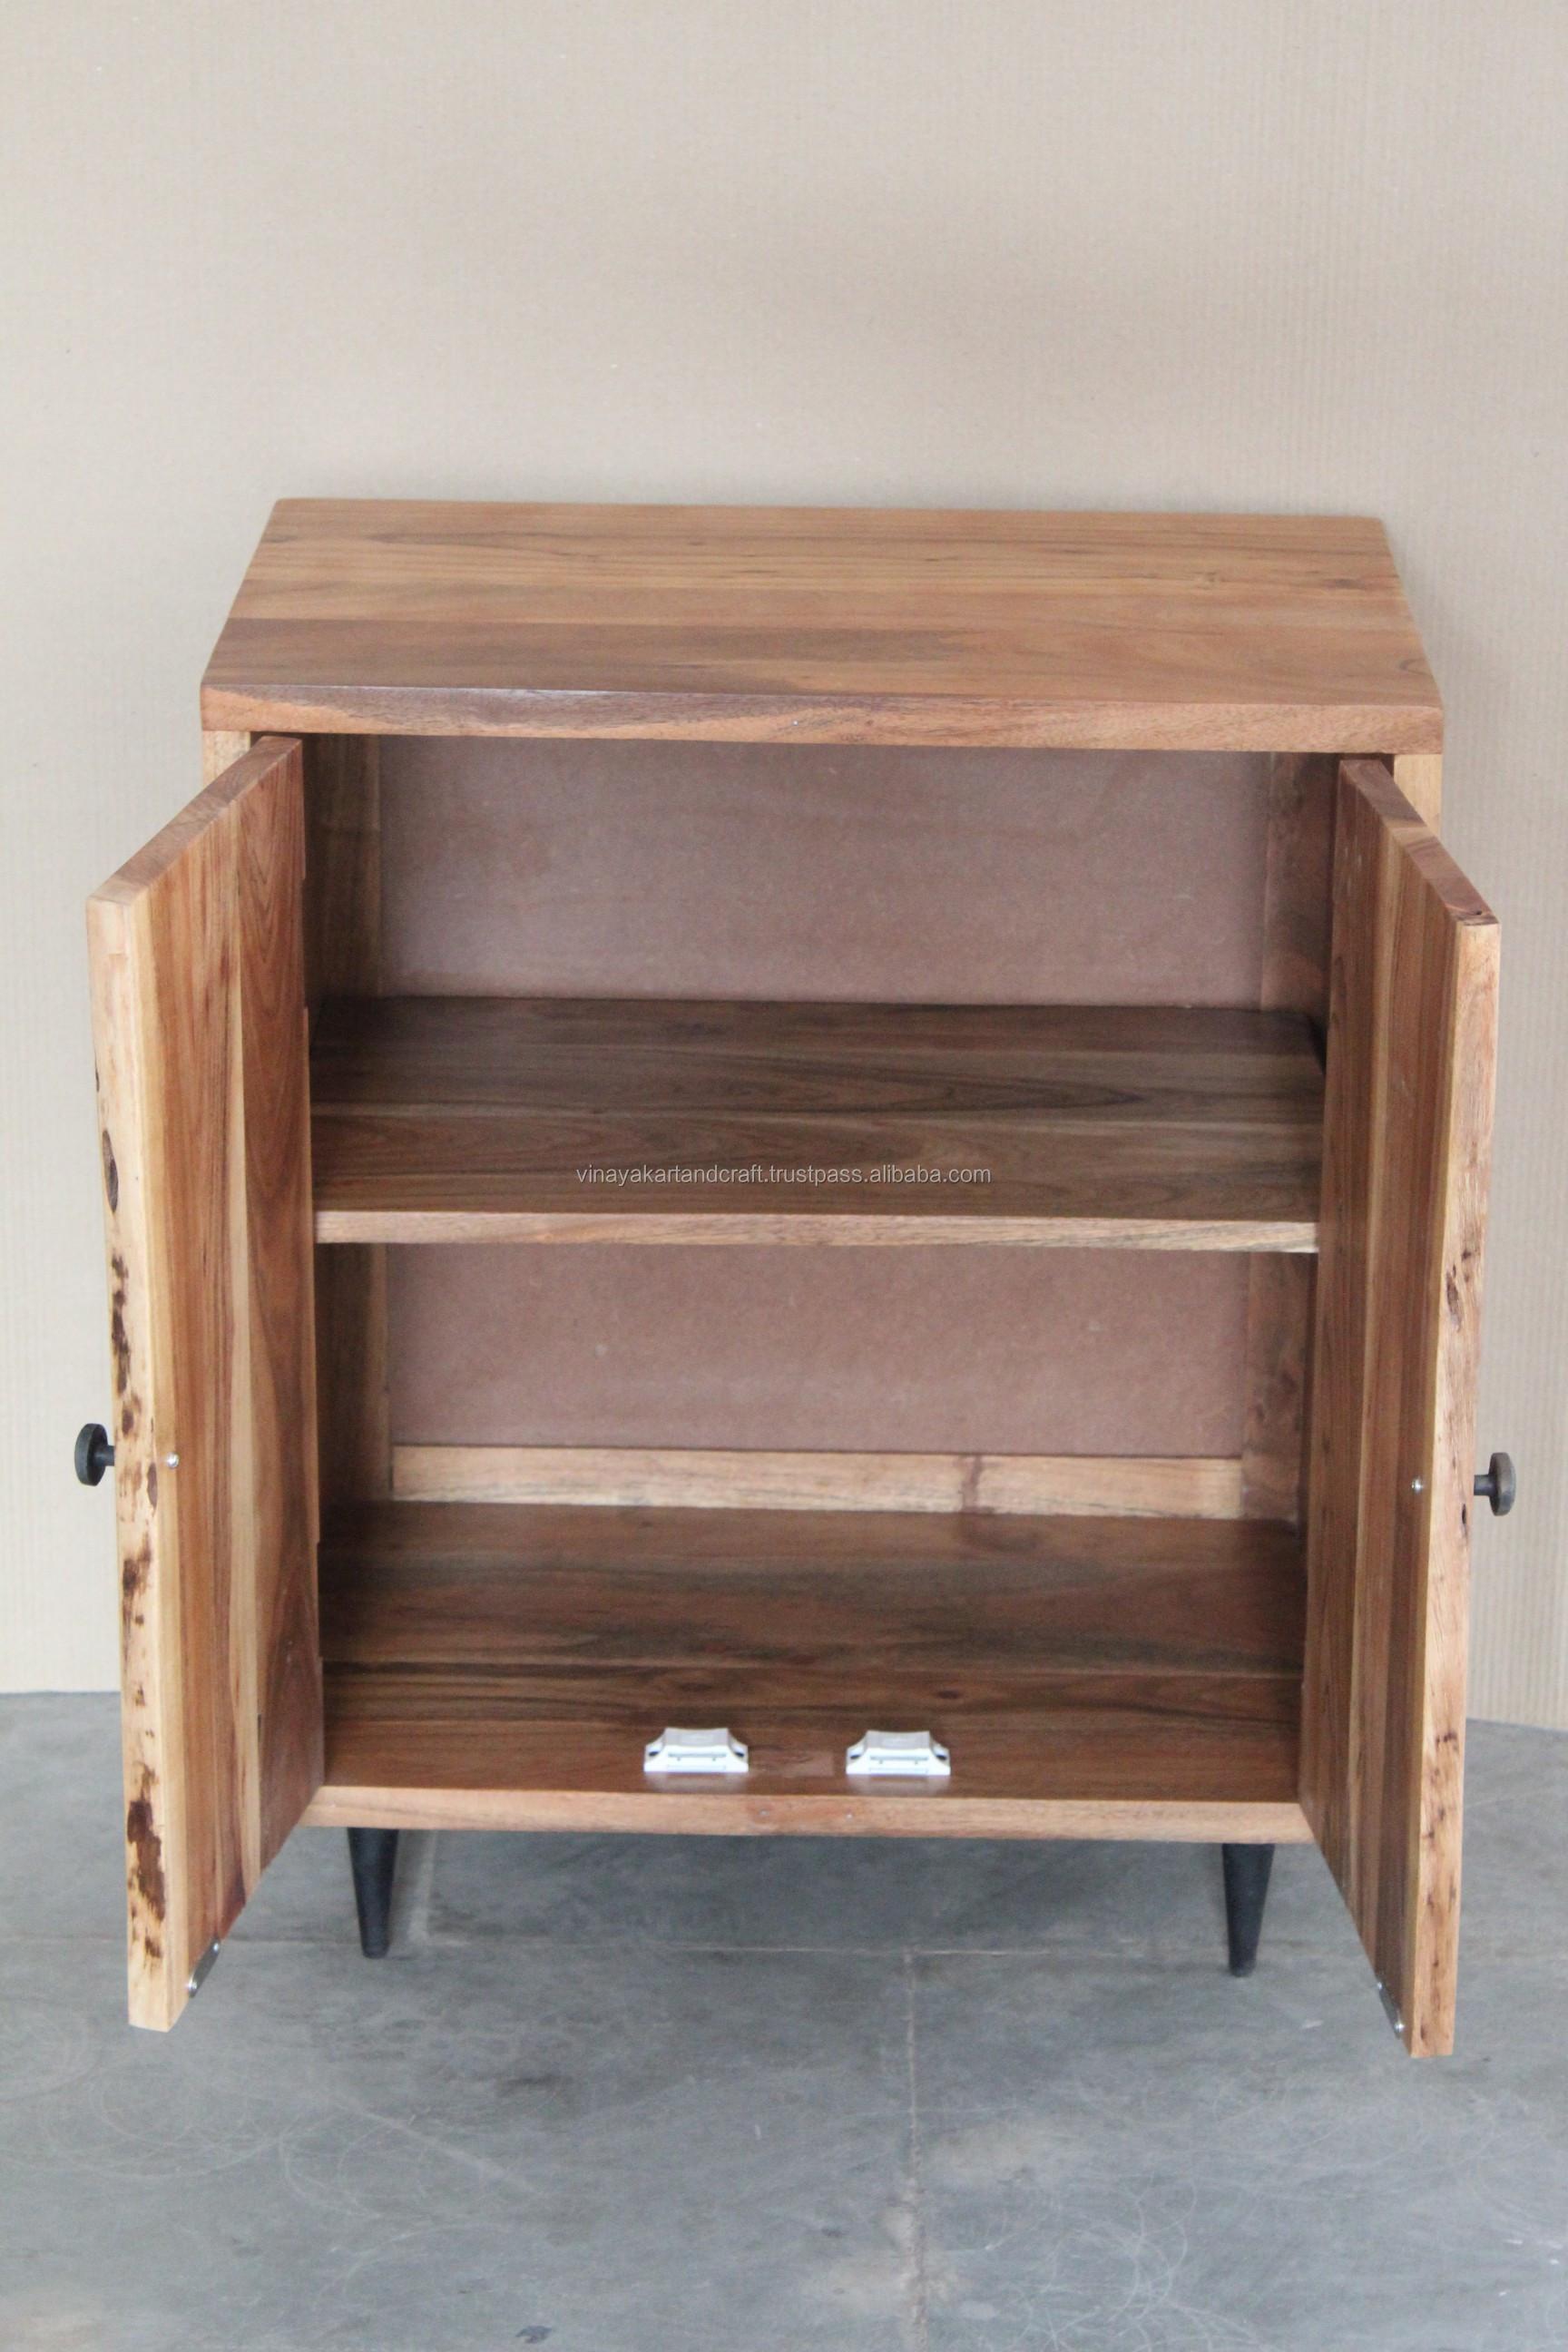 armoire de salon en bois d acacia vintage 1 piece mobilier de salon moderne en bois massif buy wooden cabinet vitrine living room cabinets modern